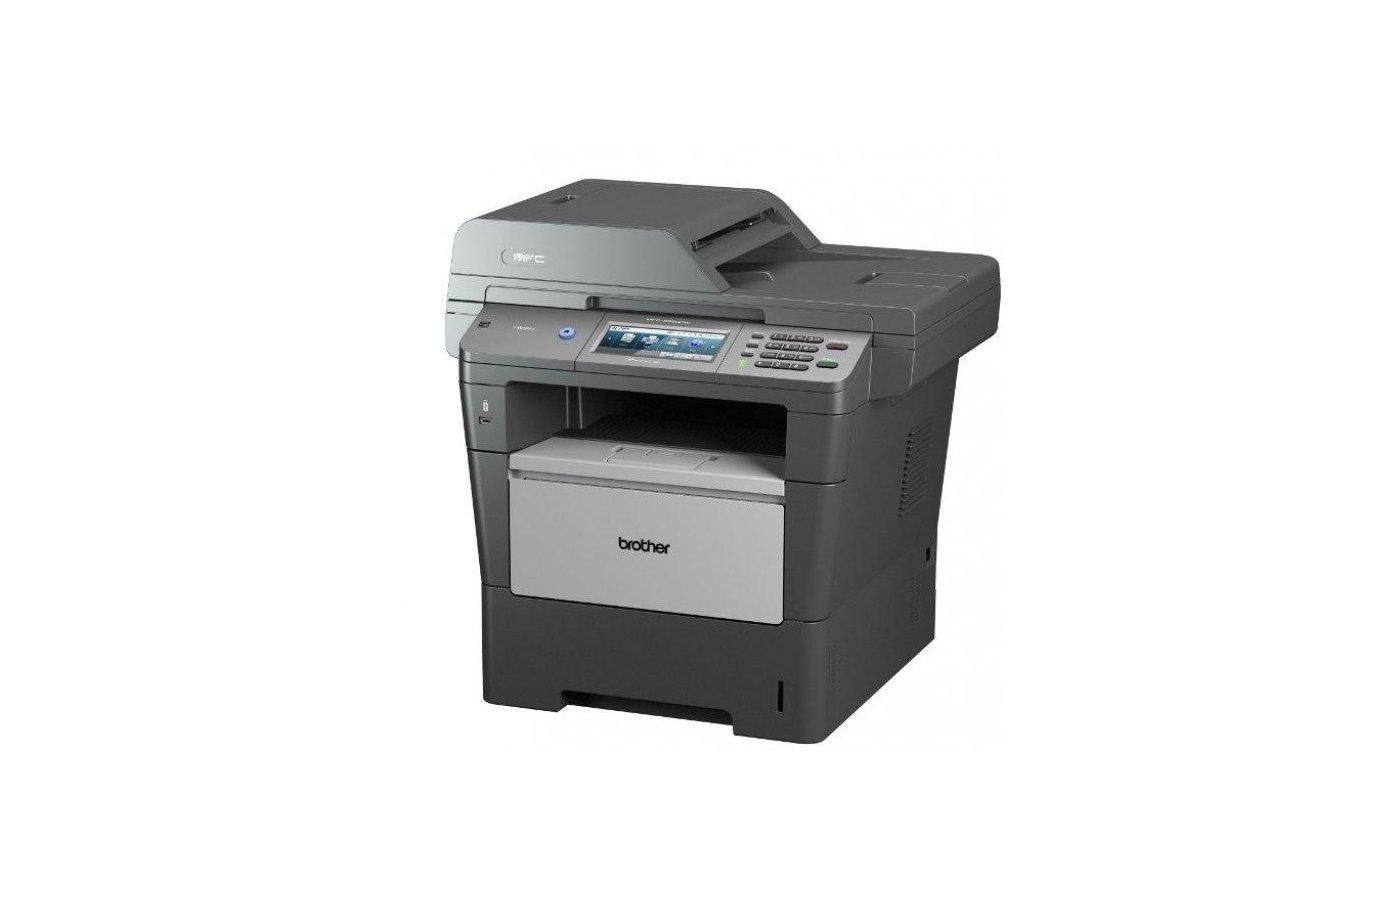 МФУ Brother DCP-8250DN A4 (принтер/сканер/копир) печать/копир40стр/мин сеть дуплекс